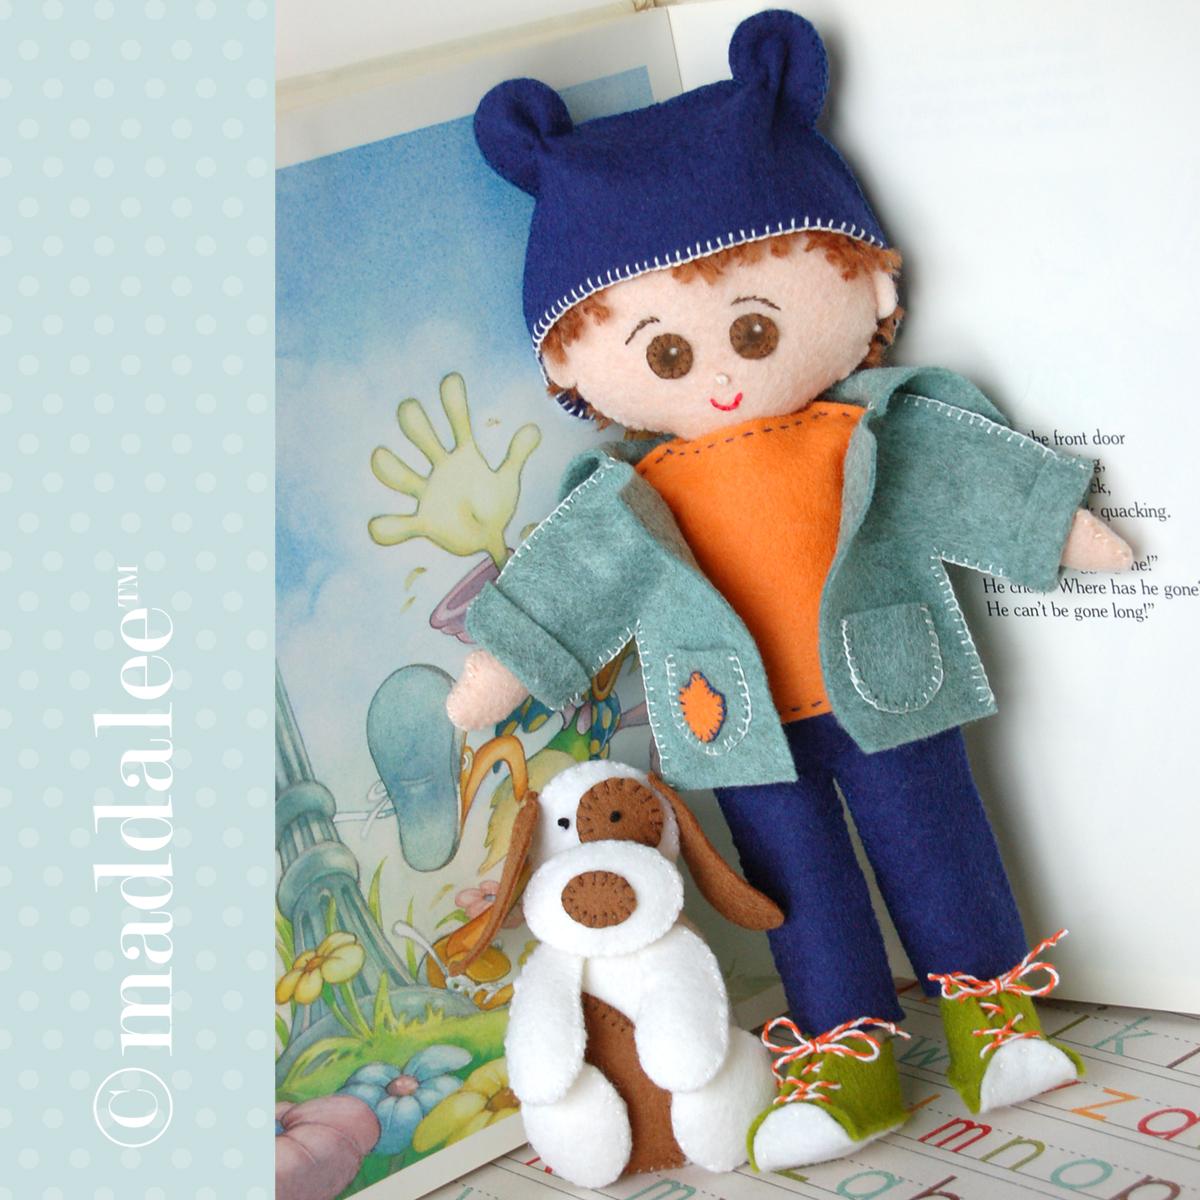 http://2.bp.blogspot.com/-23LqjWc-zu8/US1klXJ9O1I/AAAAAAAAGqE/H9sV7Ik3k18/s1600/sage-doll-showcase1.jpg